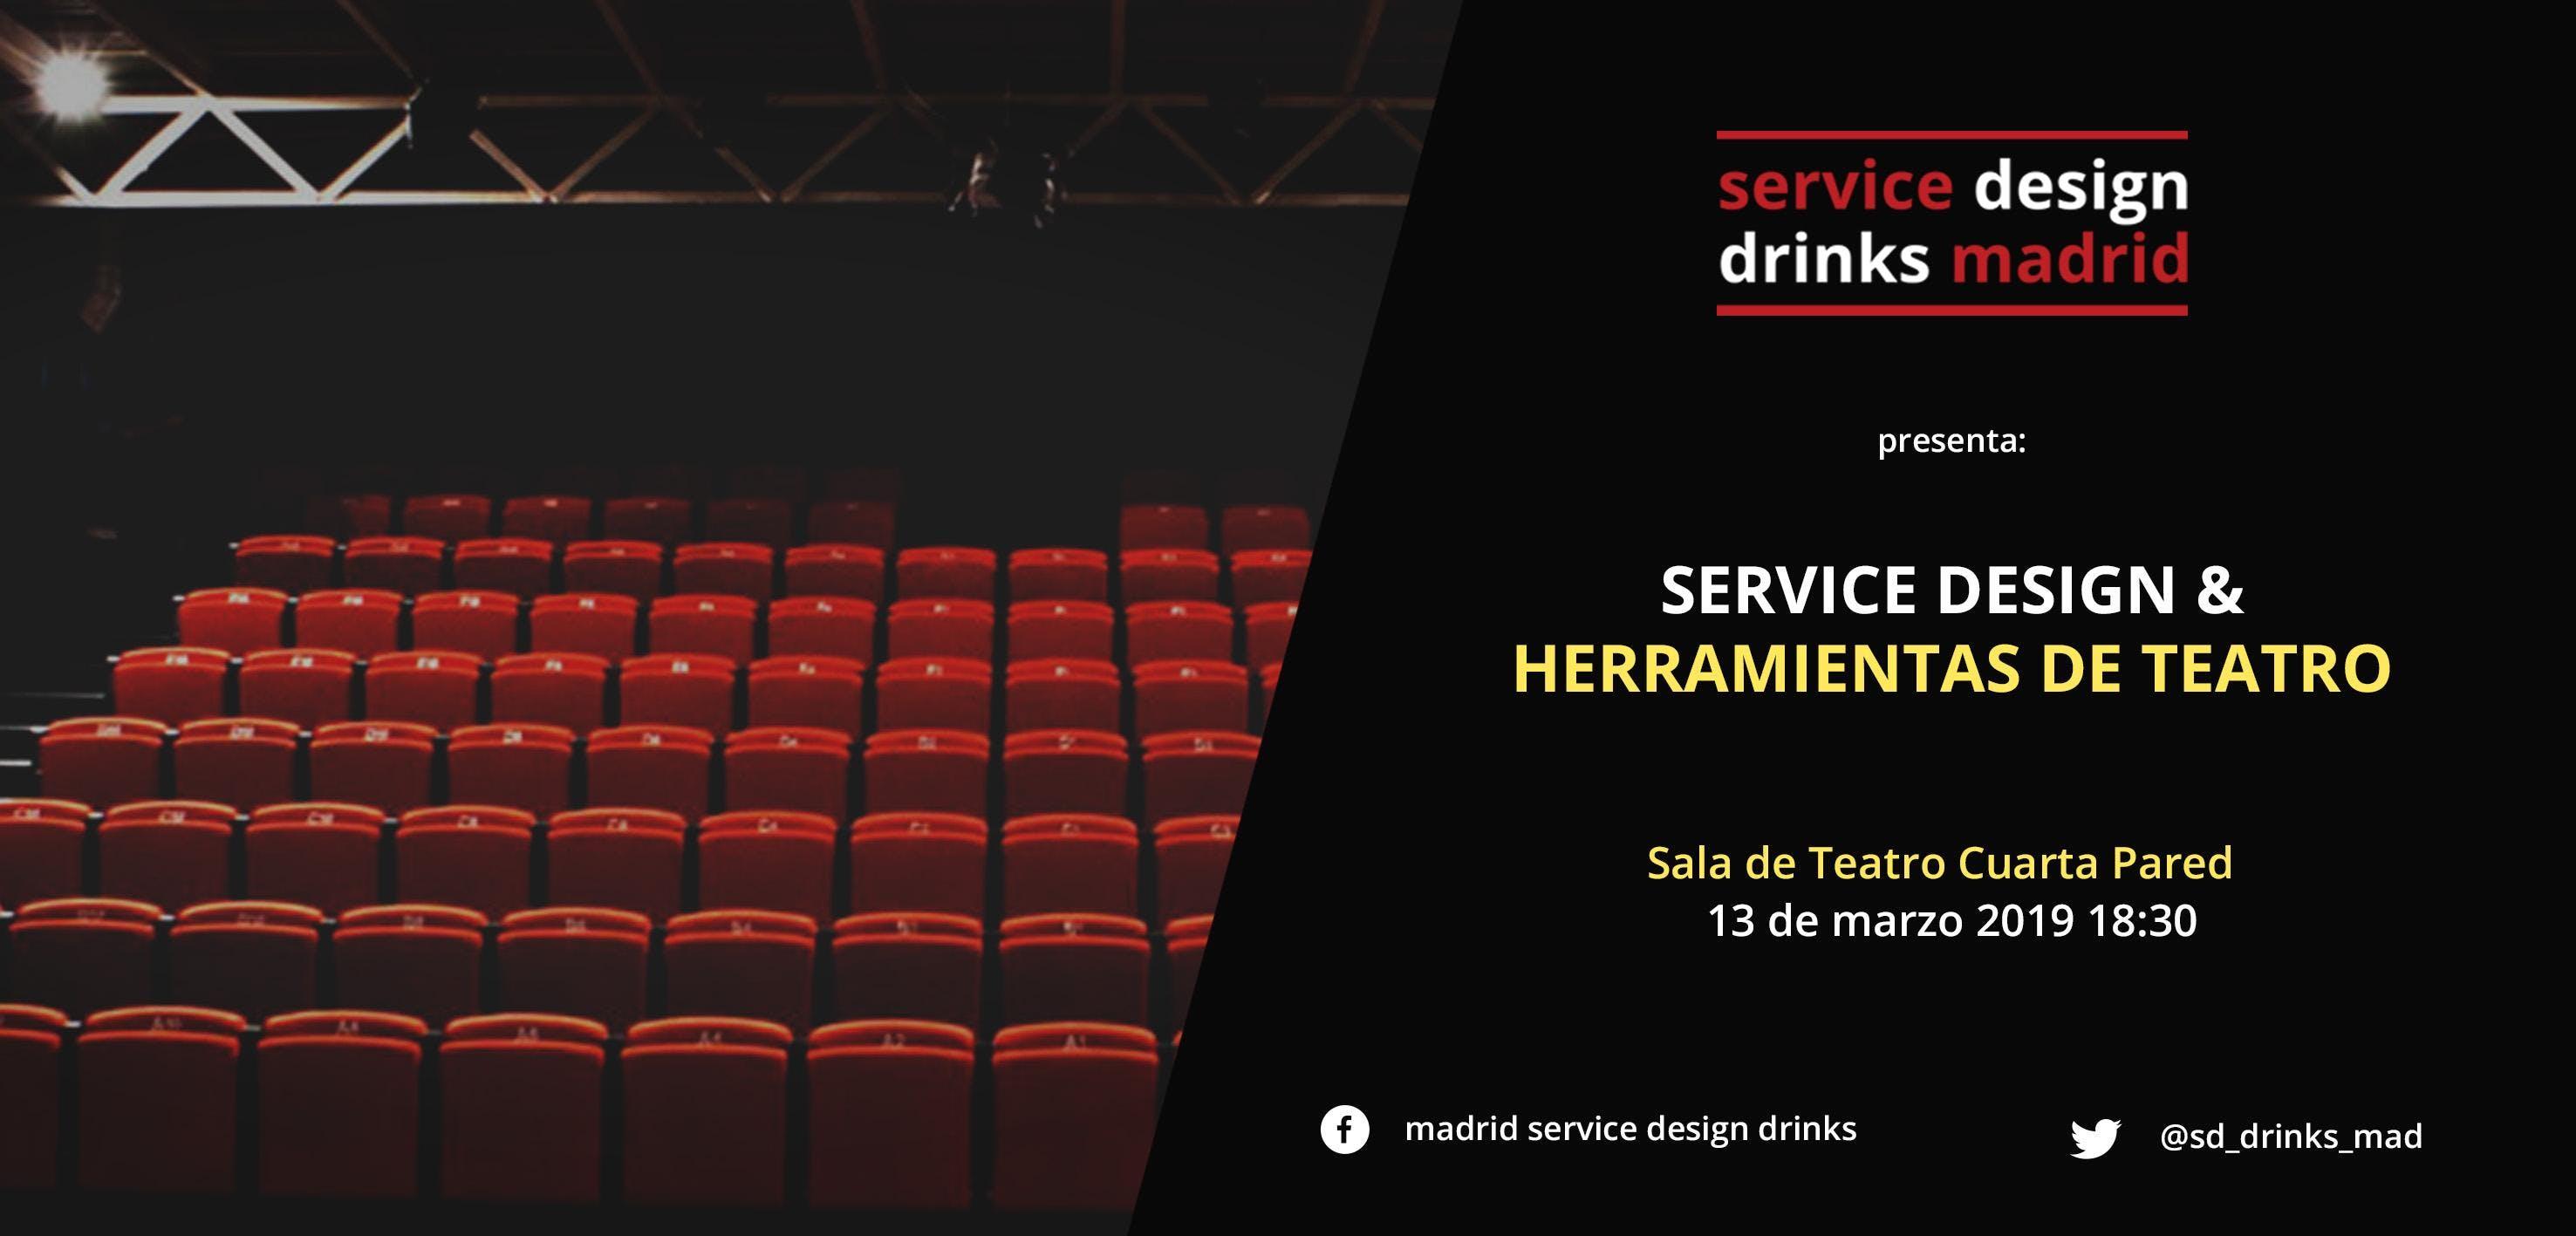 Service Design & Herramientas de Teatro - 13 MAR 2019